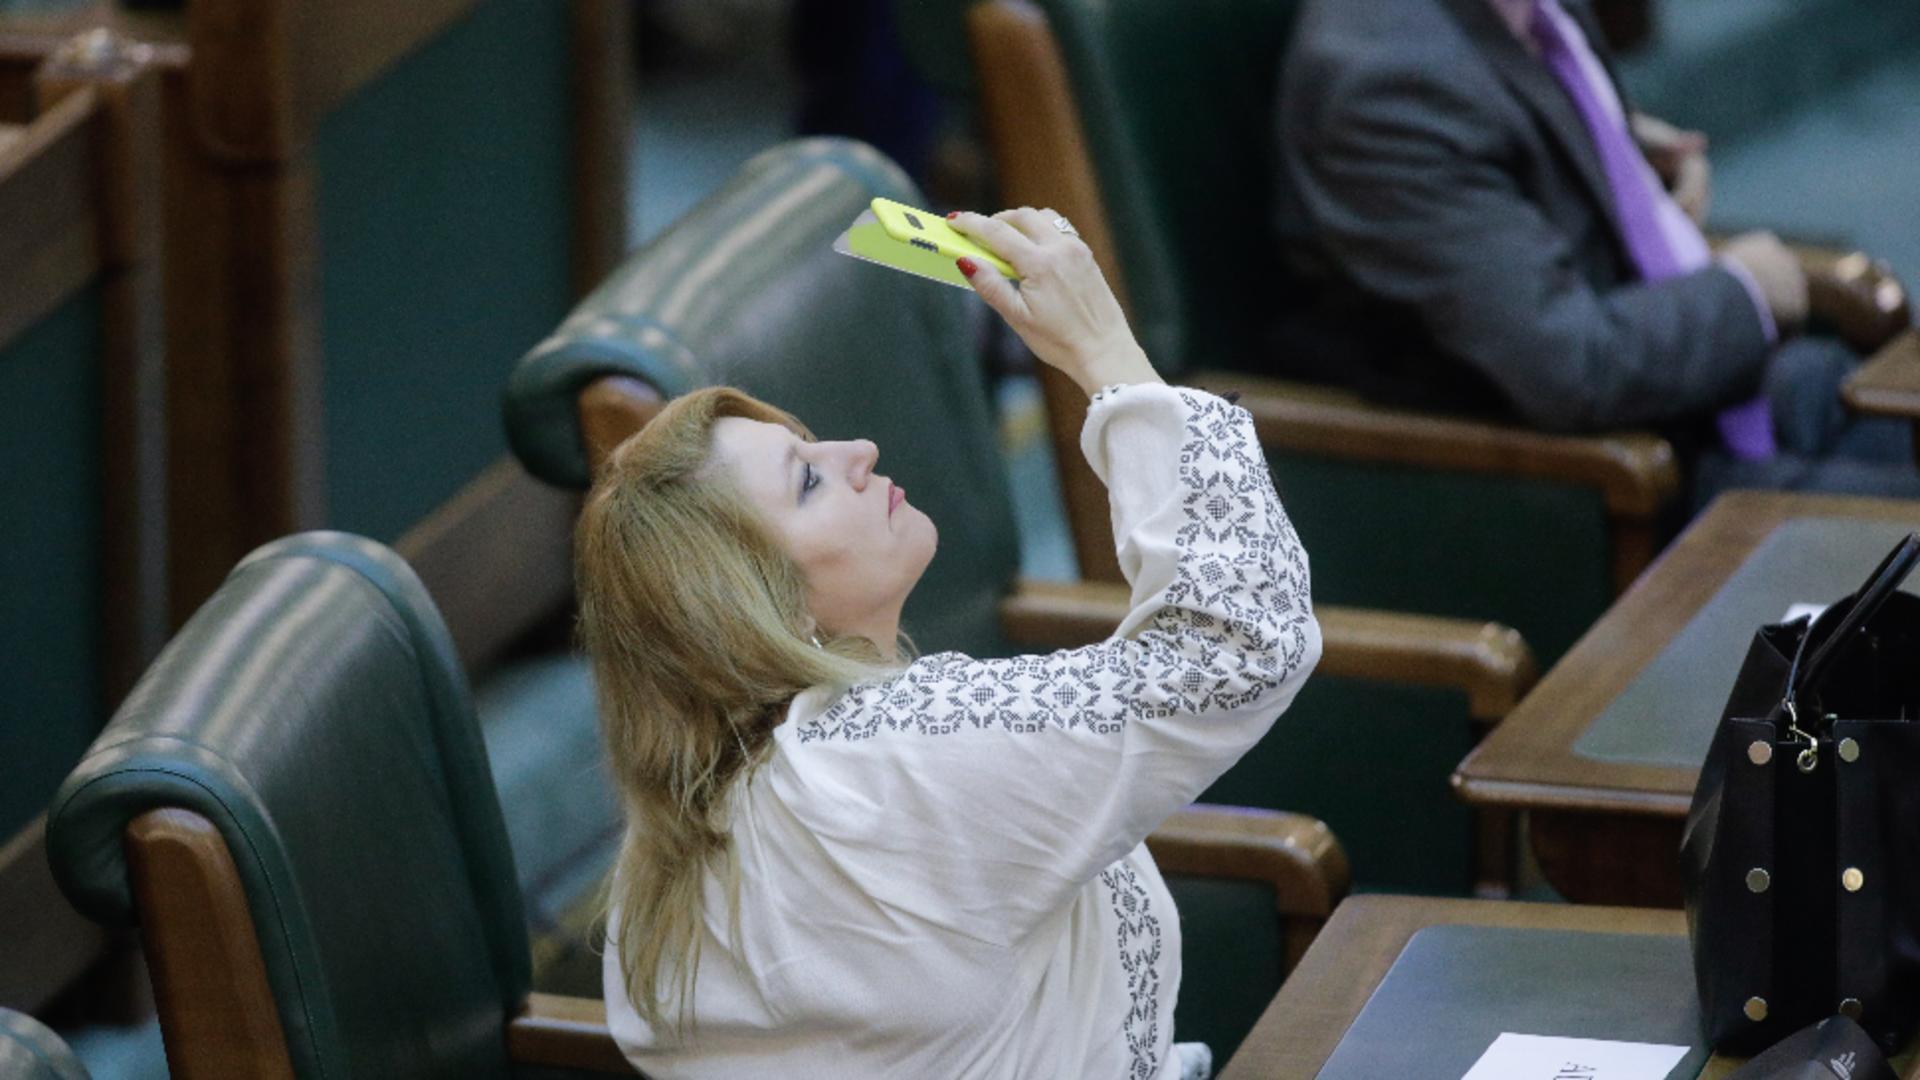 Diana Șoșoacă, senator neafiliat (exclusă din AUR) Foto: InquamPhotos/George Călin